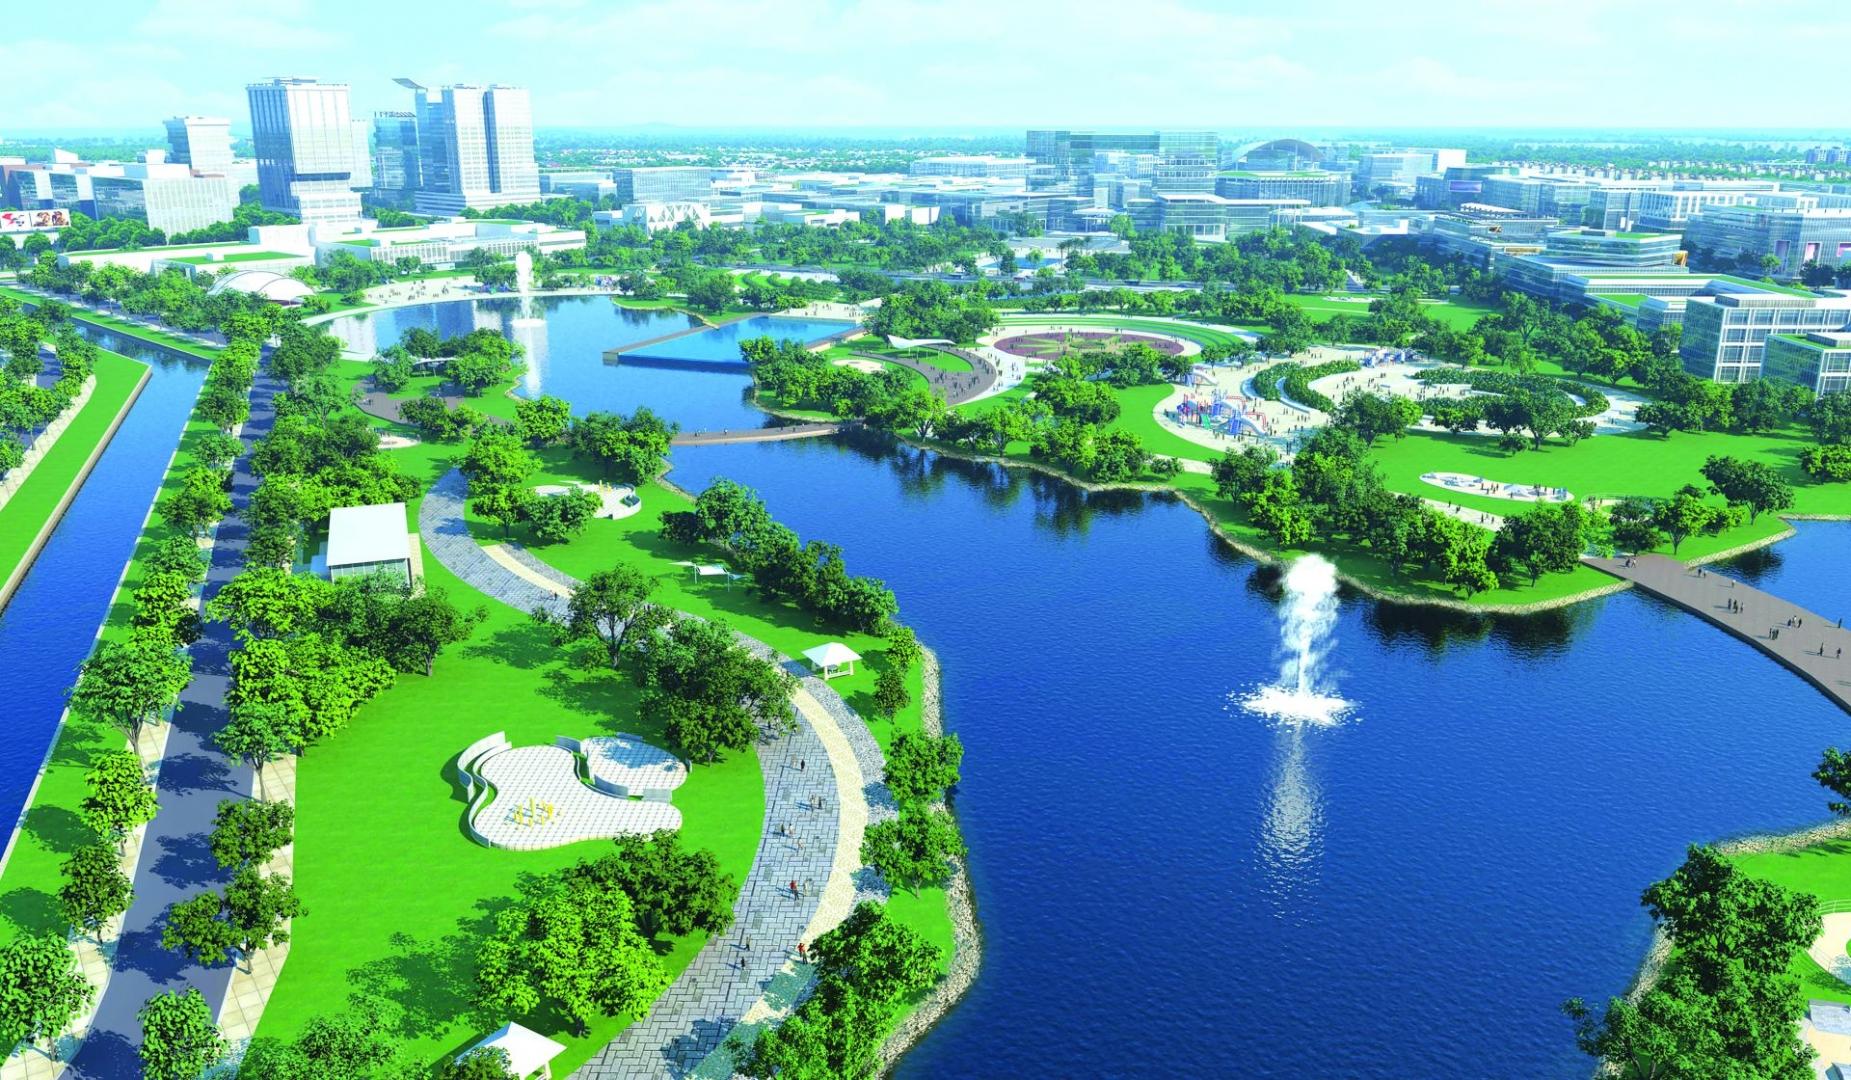 Tiềm năng bất động sản tại Bình Dương có điểm gì thu hút?